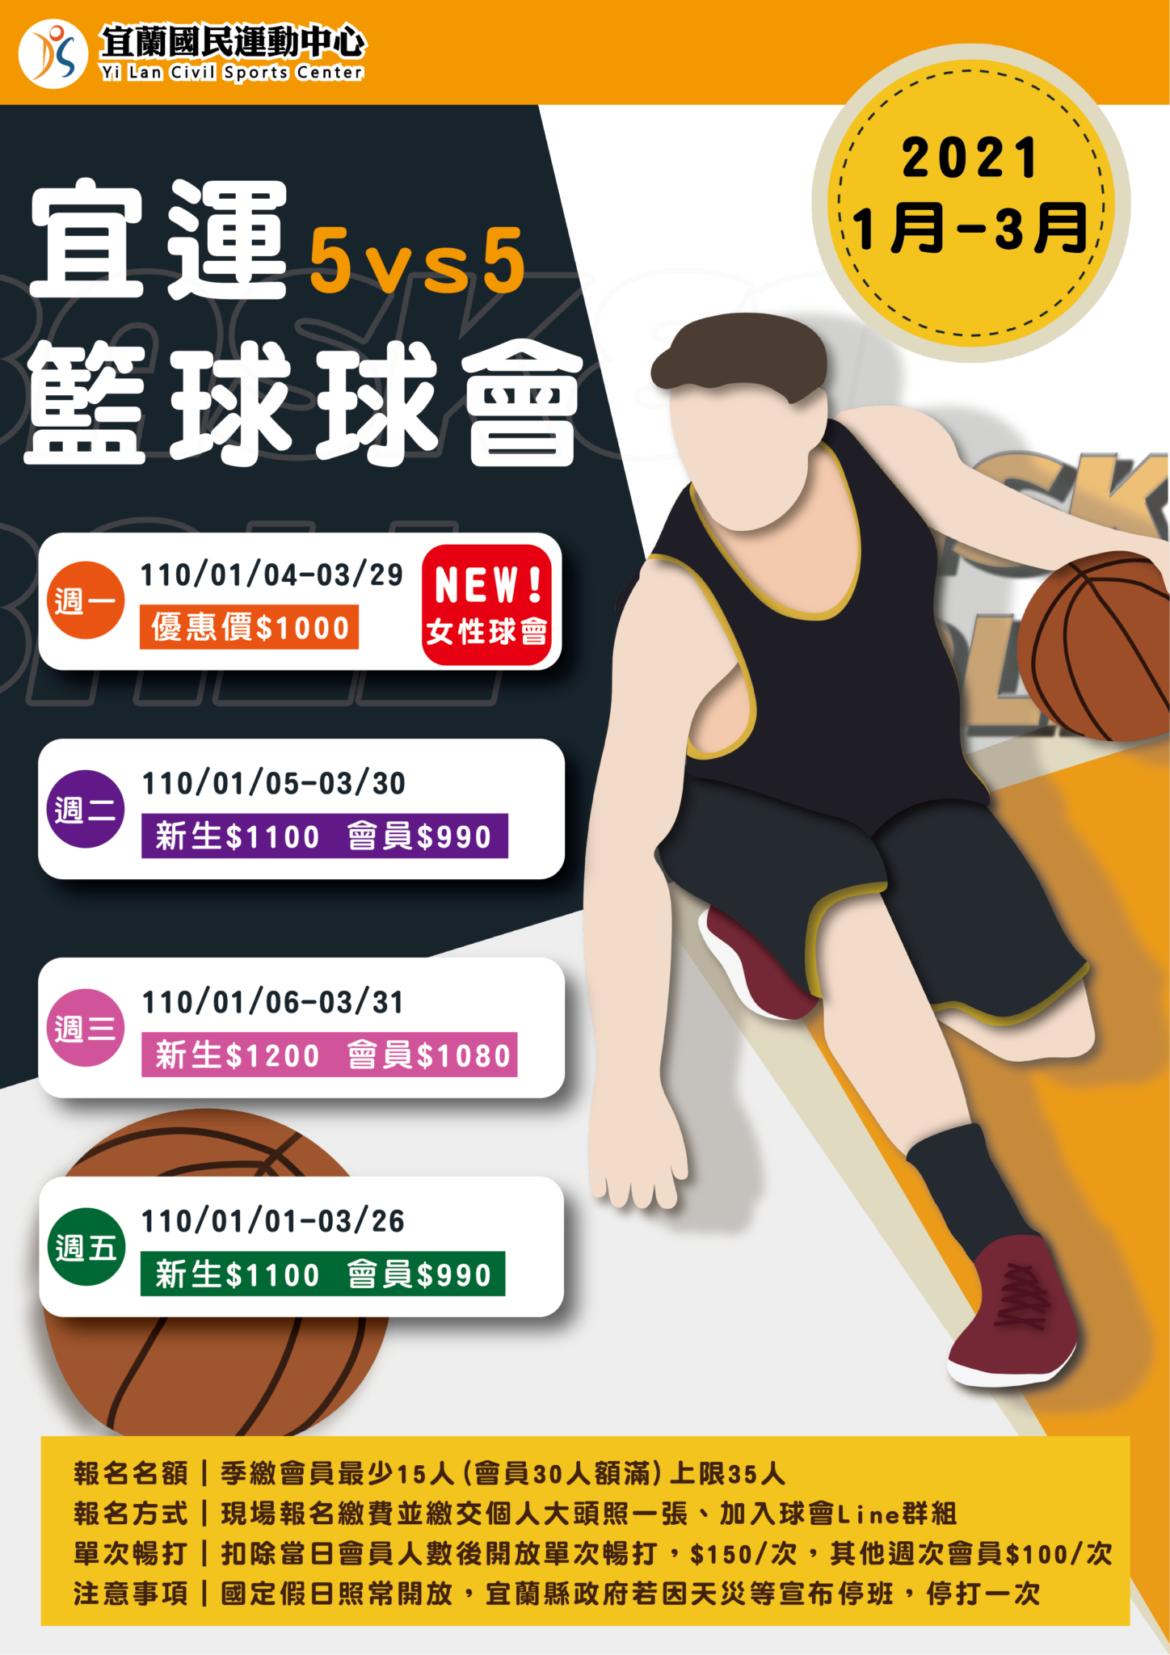 【110年1-3月宜運籃球球會開放報名】